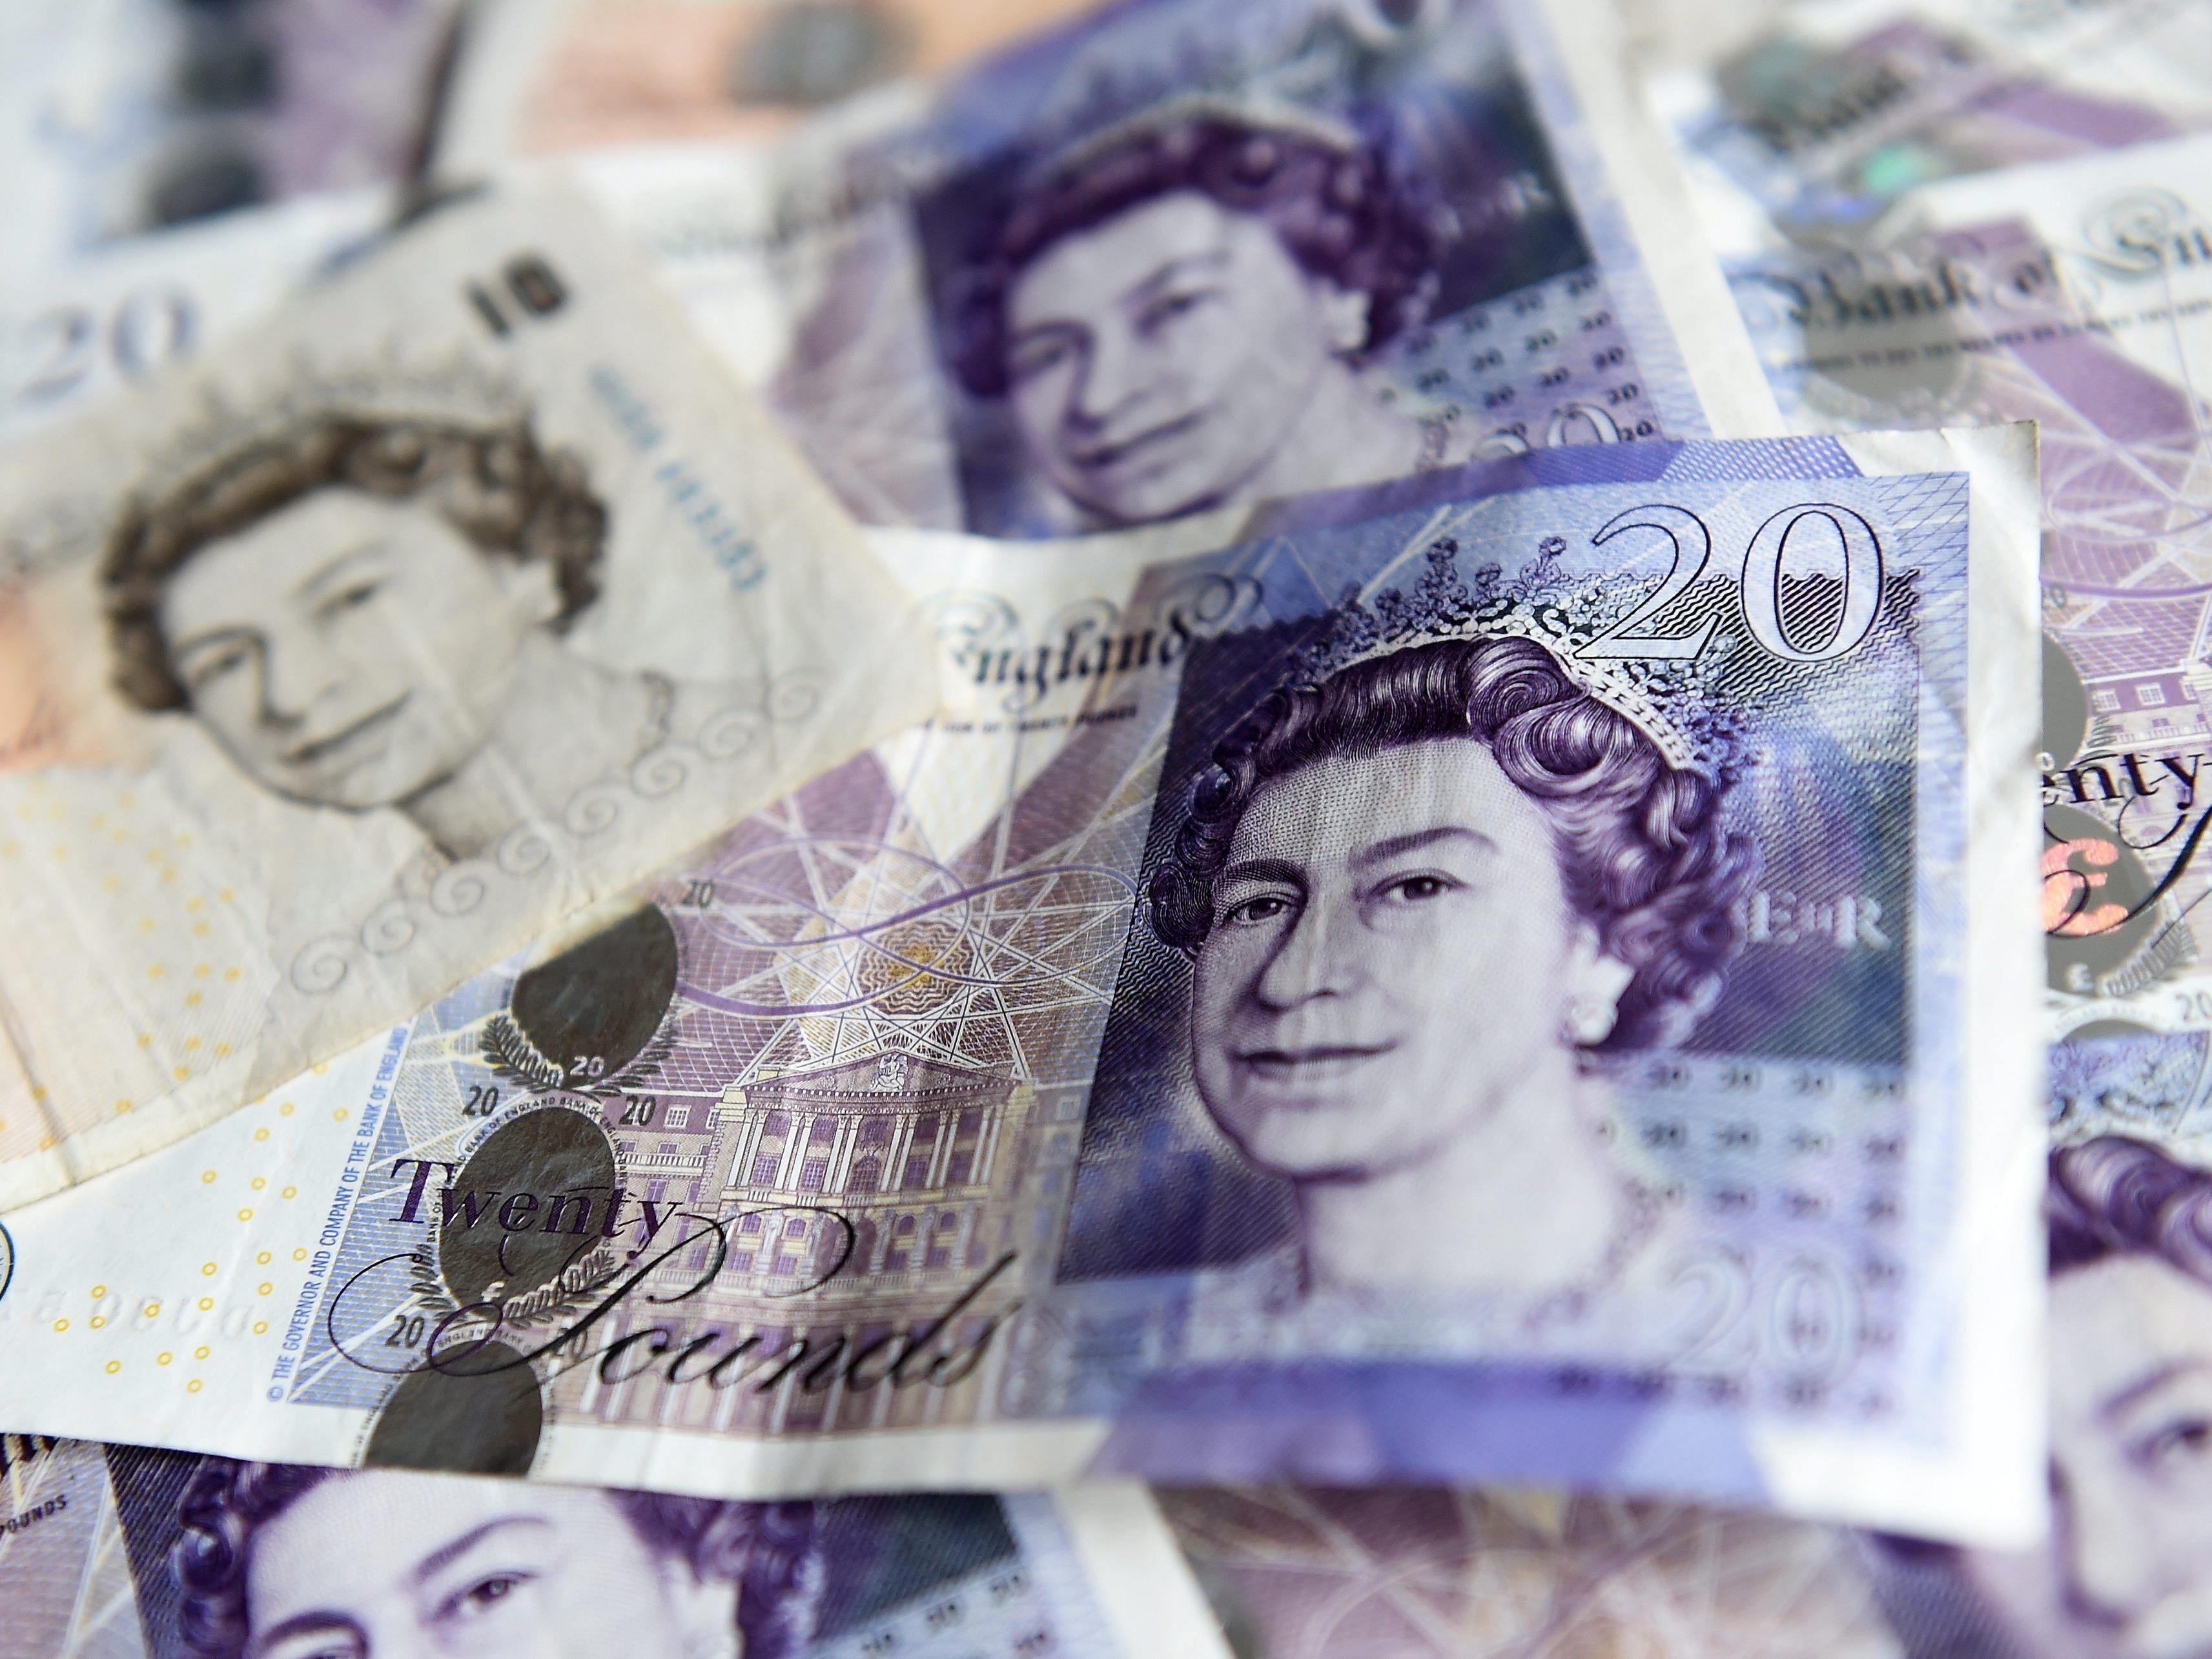 Für das Nichterscheinen auf einer Kinder-Geburtstagsparty soll ein Fünfjähriger fast 16 Pfund bezahlen.